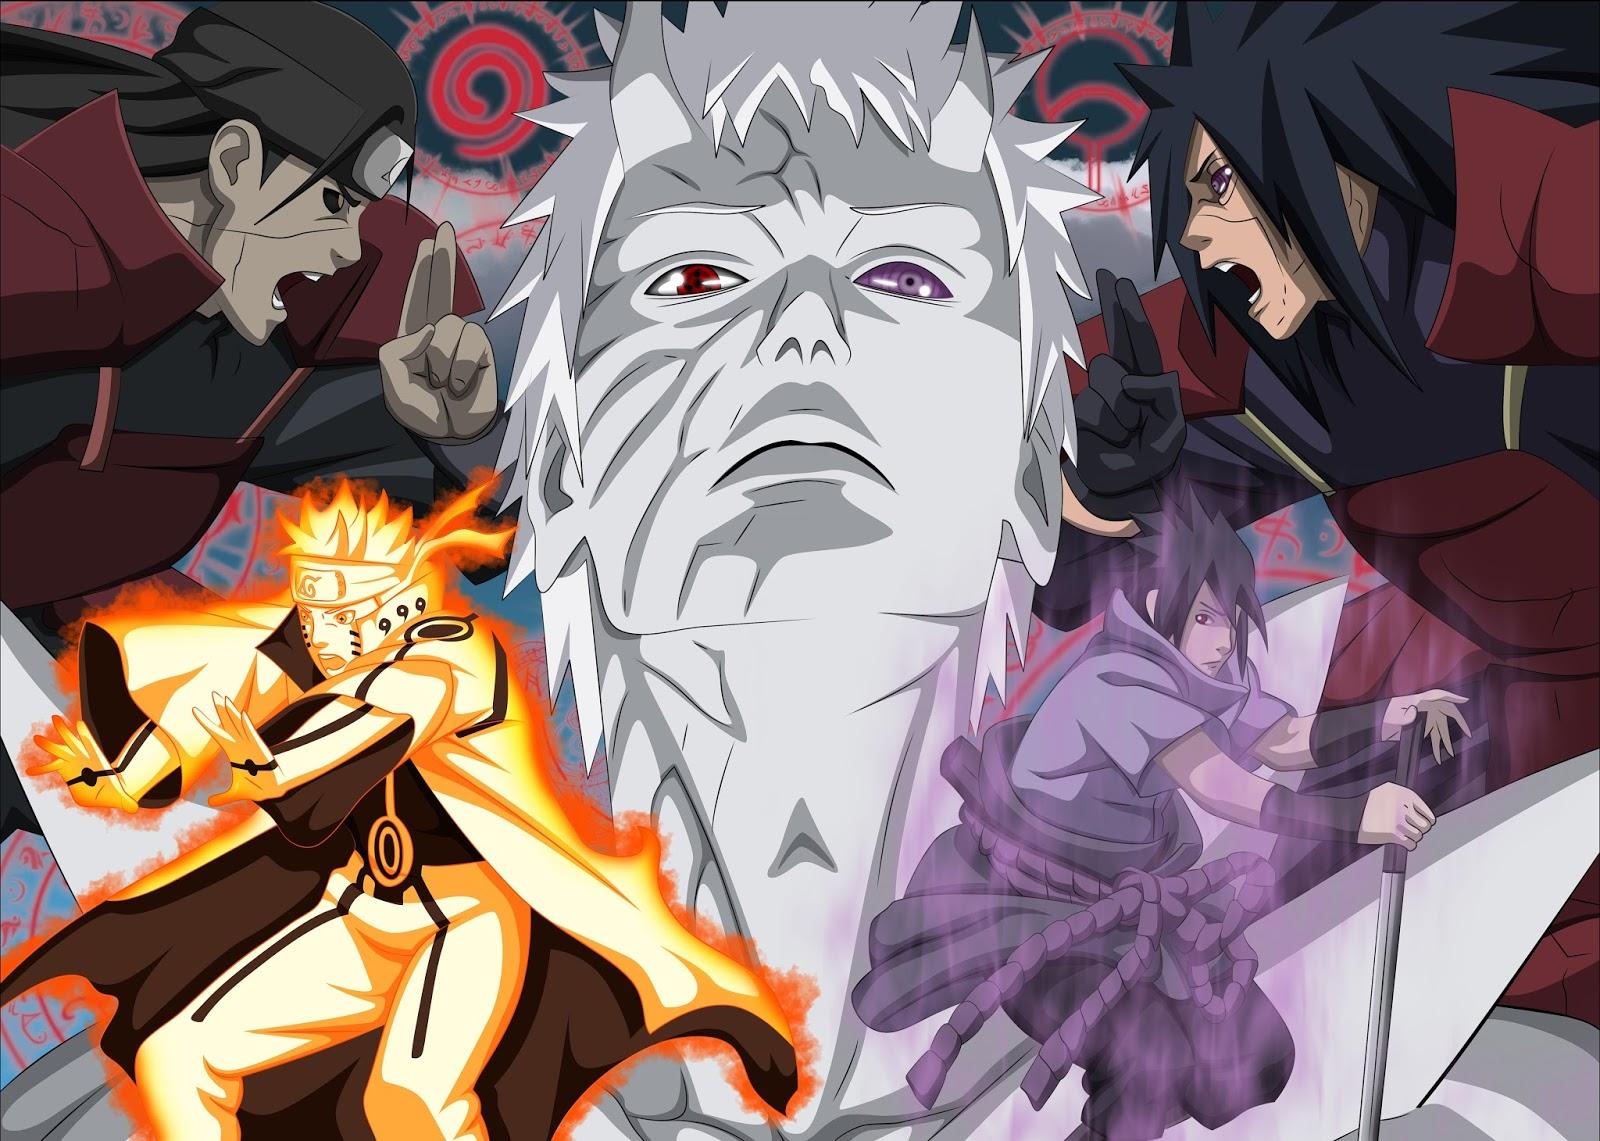 52+ Gambar Naruto Perang Terlihat Keren